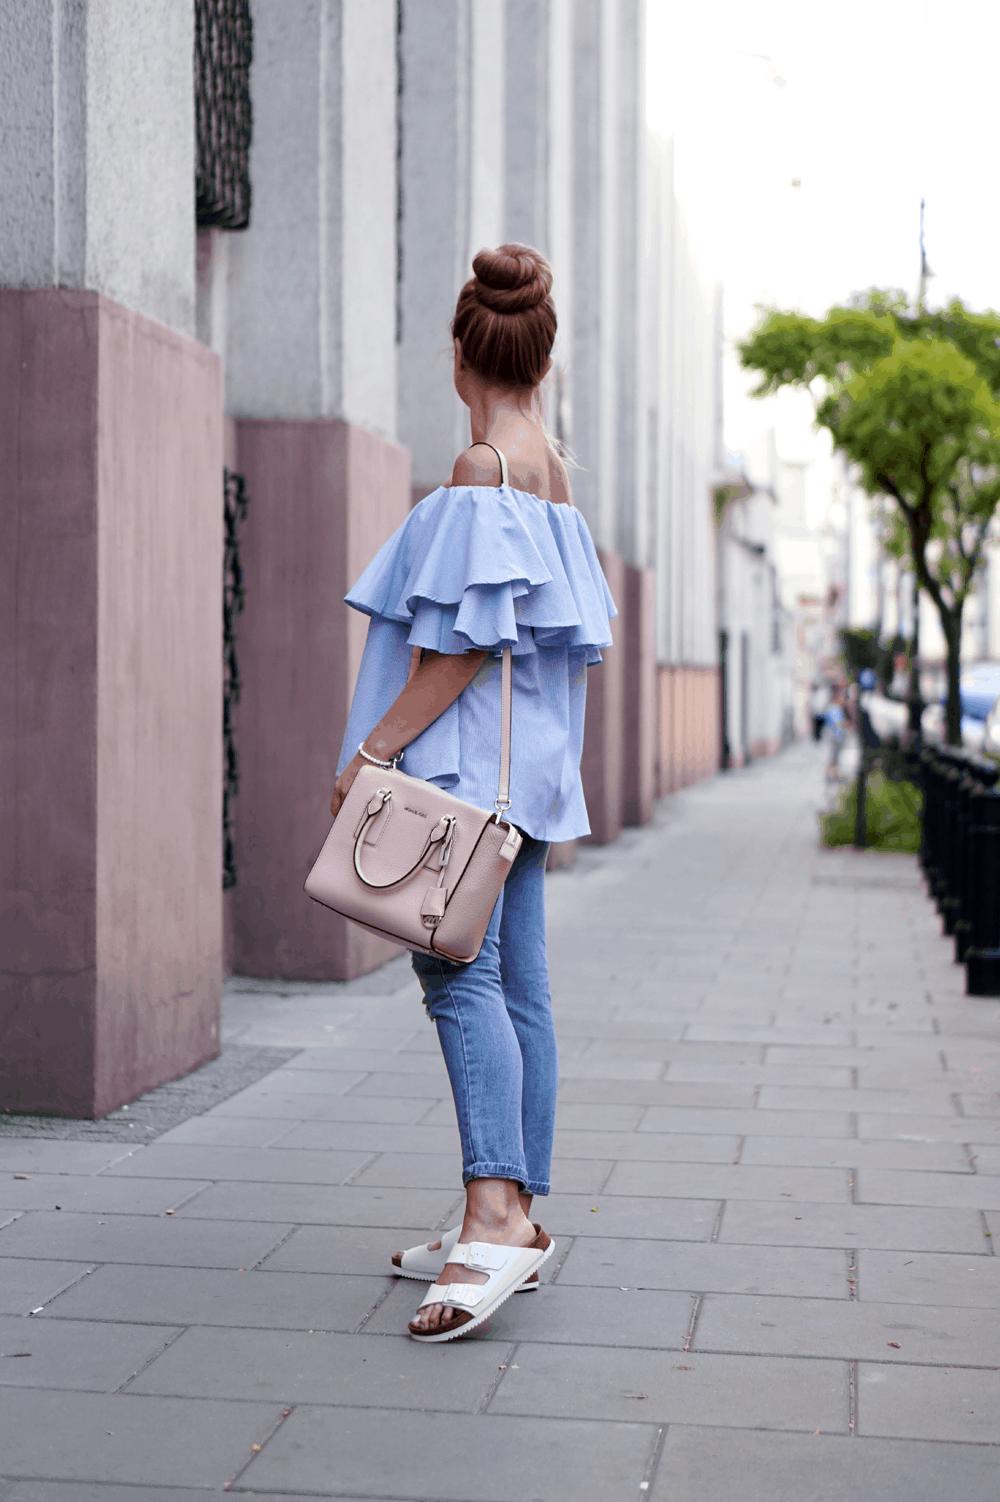 stylizacja-z-bluzka-hiszpanka-i-klapkami-birkenstock